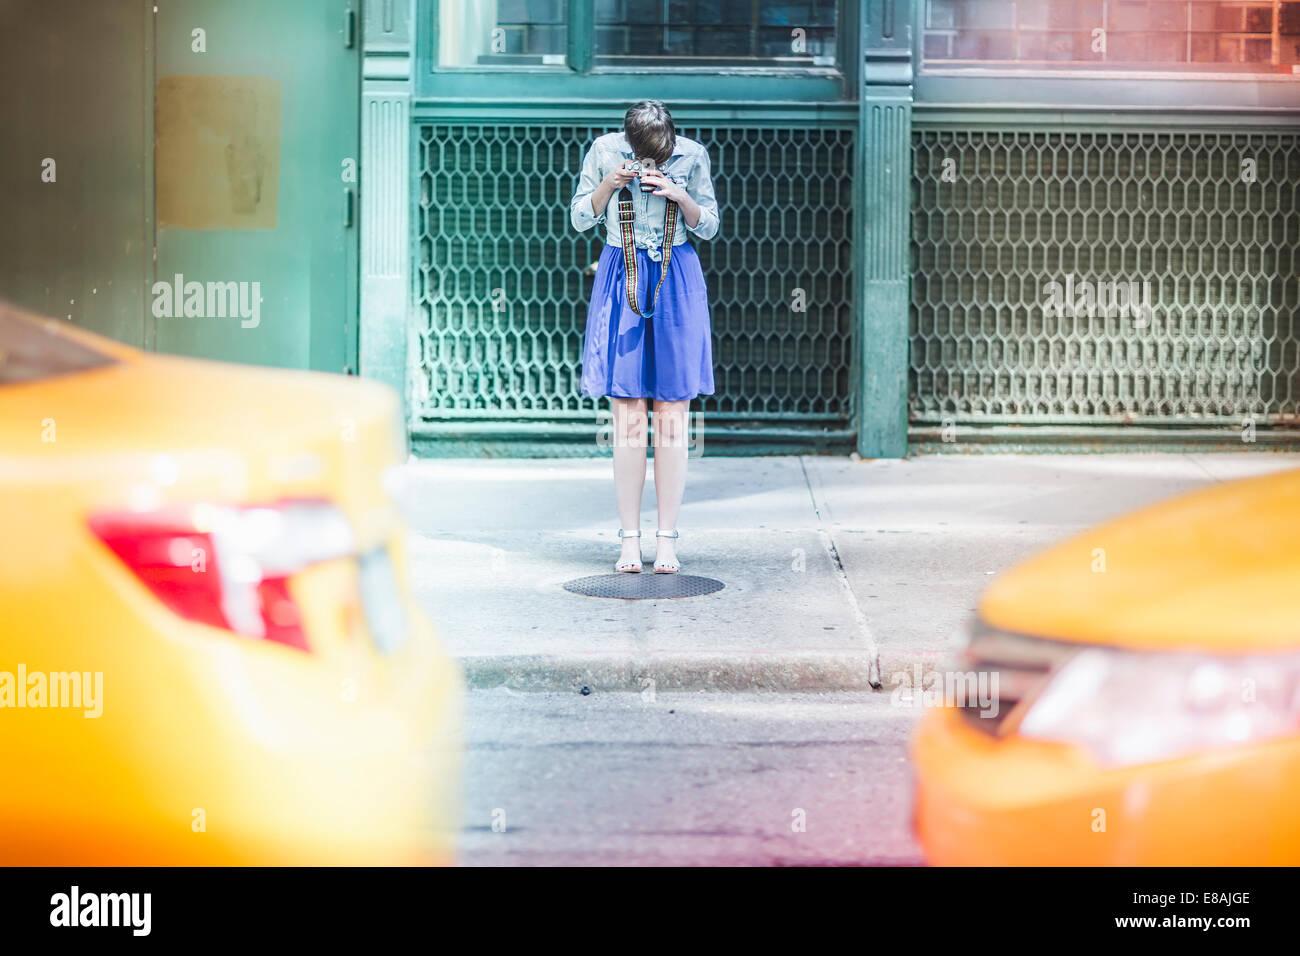 Mujer de fotografiar en la calle, Nueva York, EE.UU. Imagen De Stock